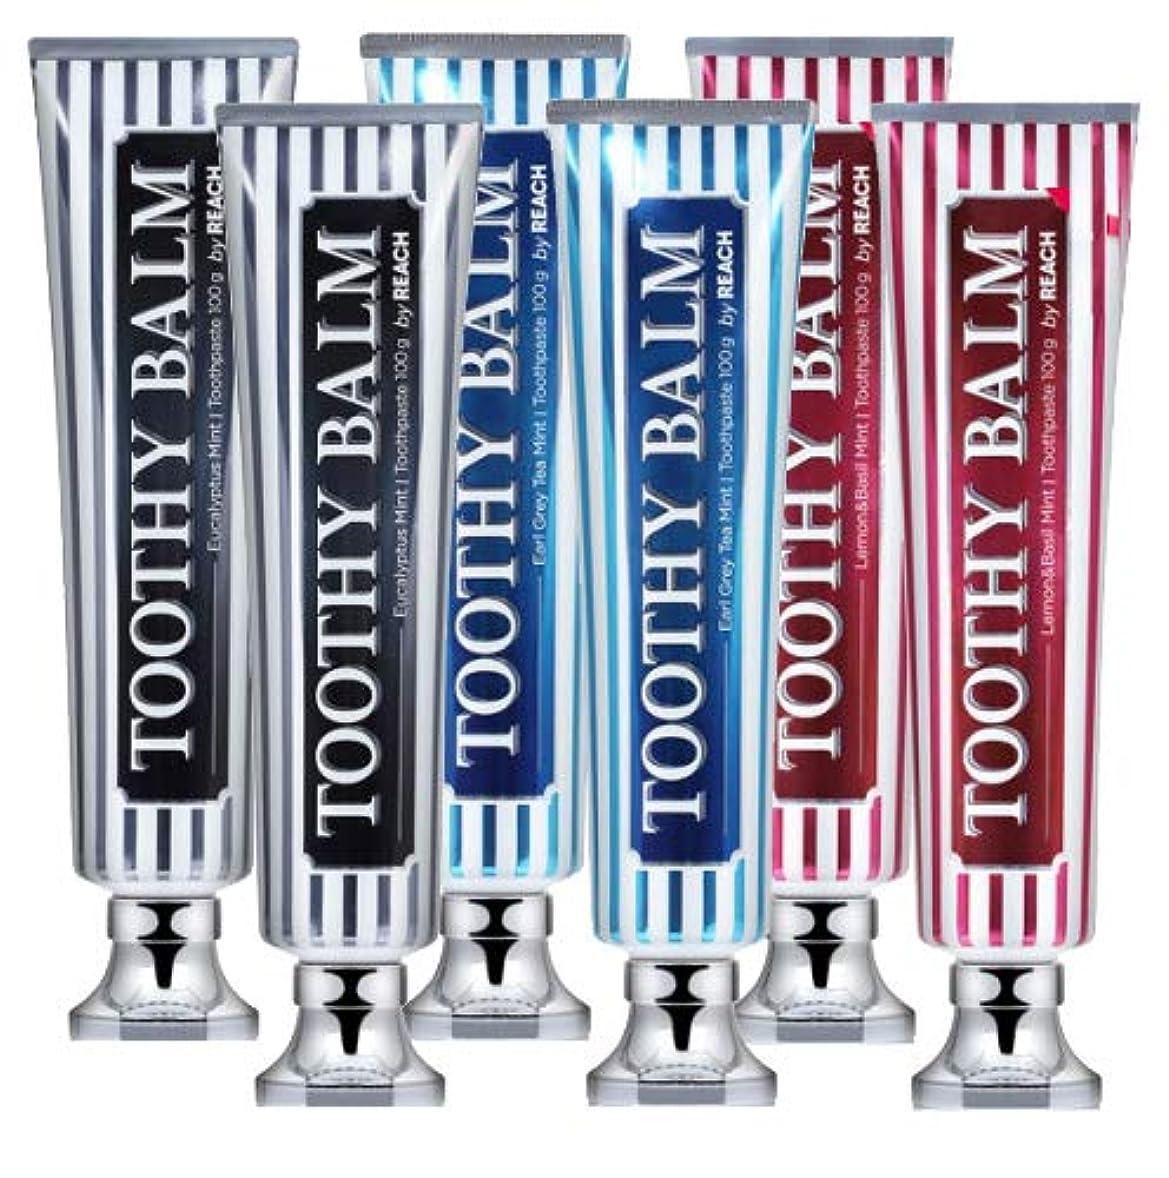 下ベンチャー法律[LG HnB] Rich Tosea Balm Premium Toothpaste/リッチツシ夜プレミアム歯磨き粉 100gx6個(海外直送品)